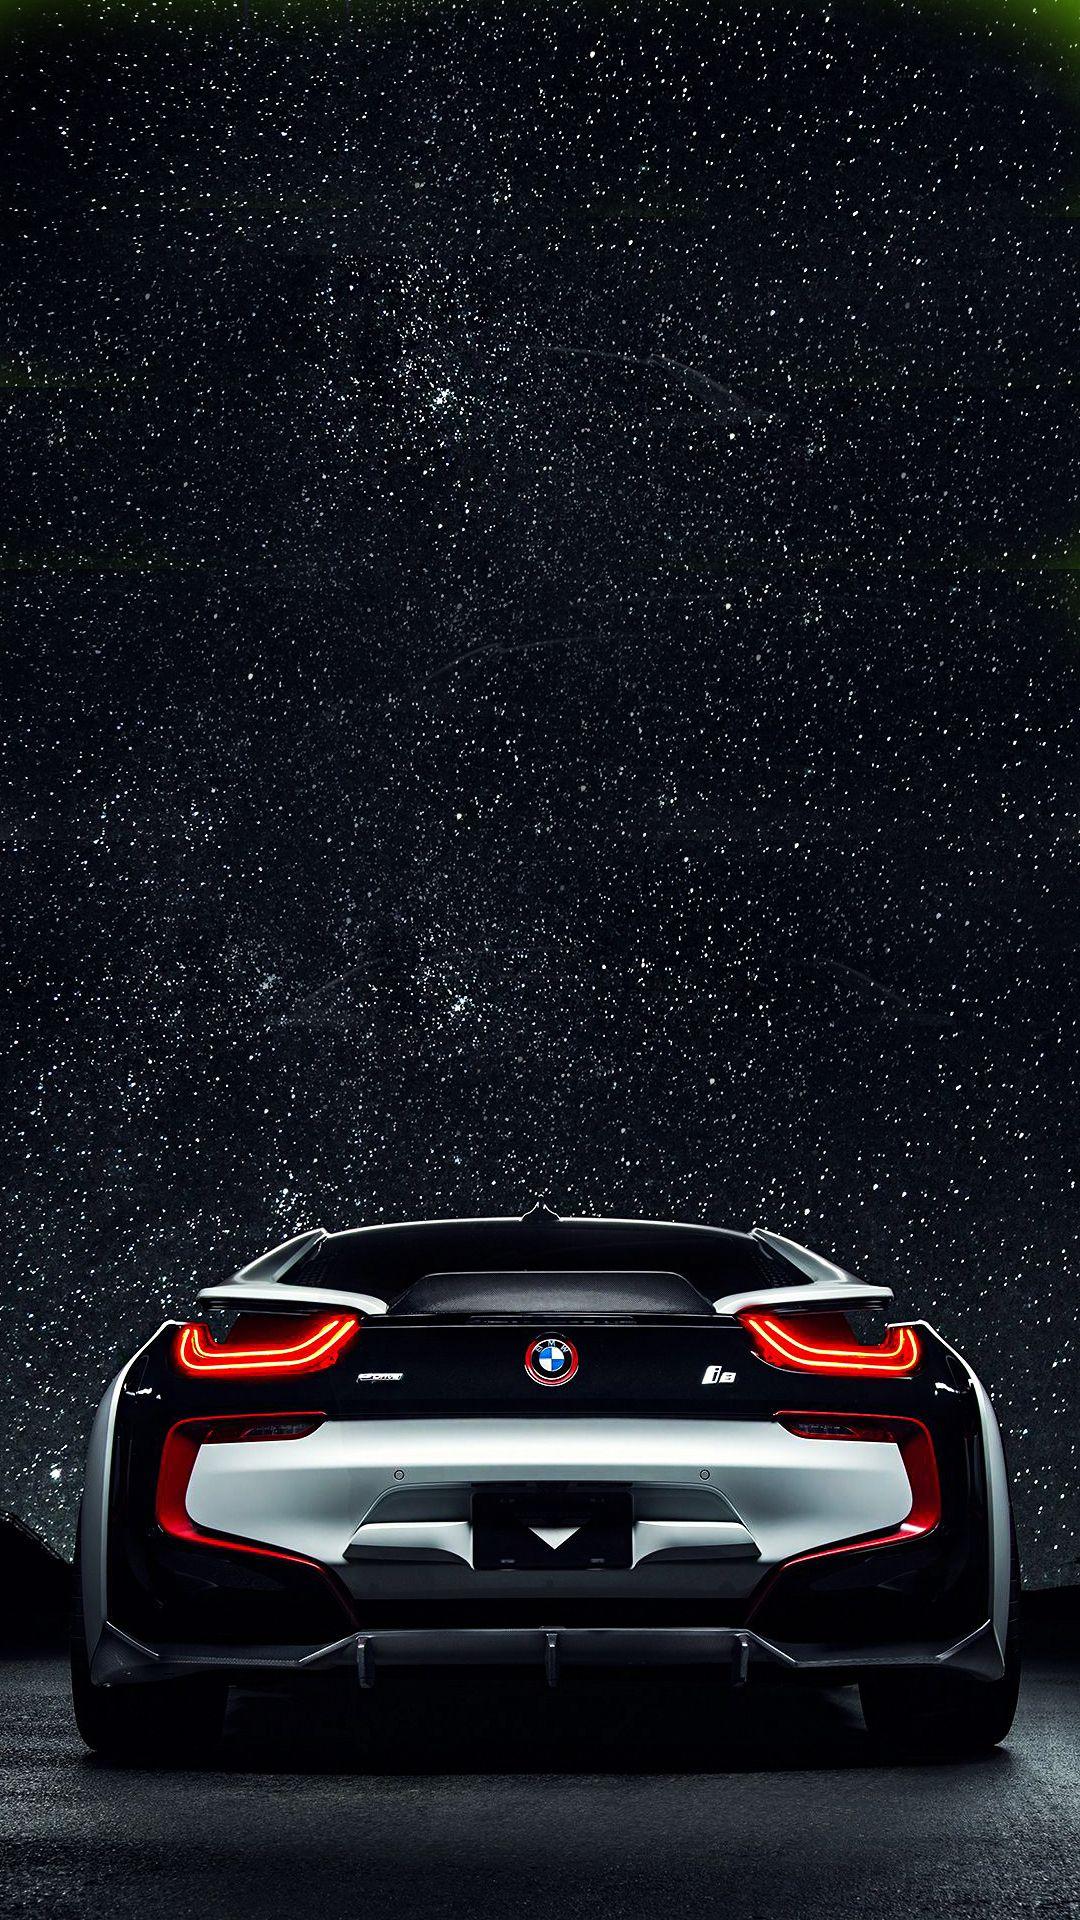 Bmw Car Mobile Hd Wallpaper Bmw Bmw Wallpapers Bmw Car